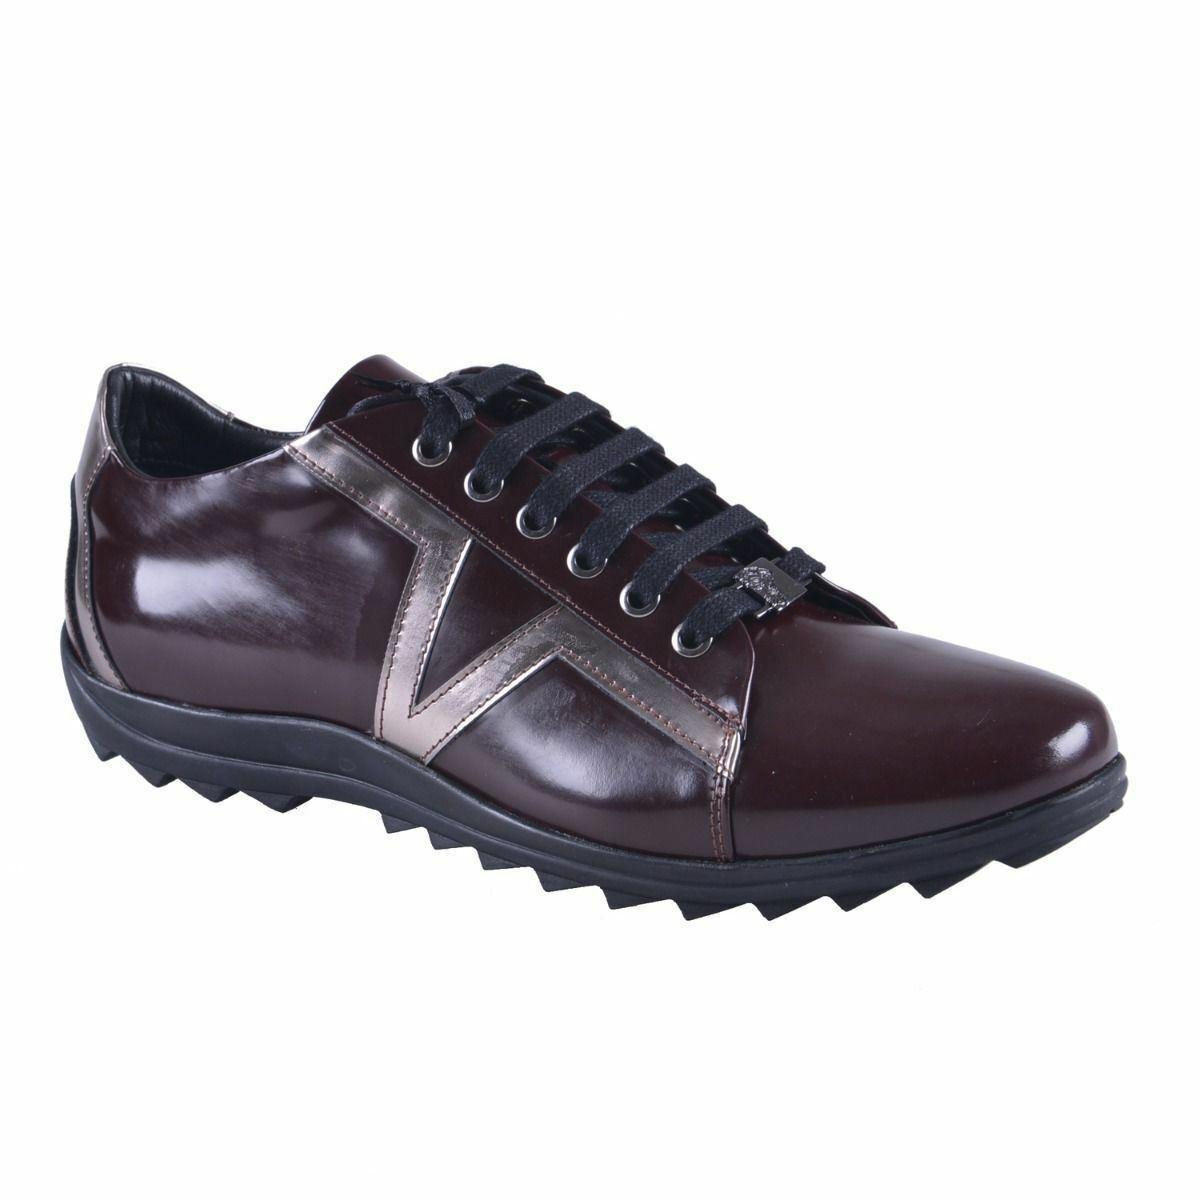 Versace Collection Hombre Piel Borgoña Moderno Zapatillas size 6 7 8 9